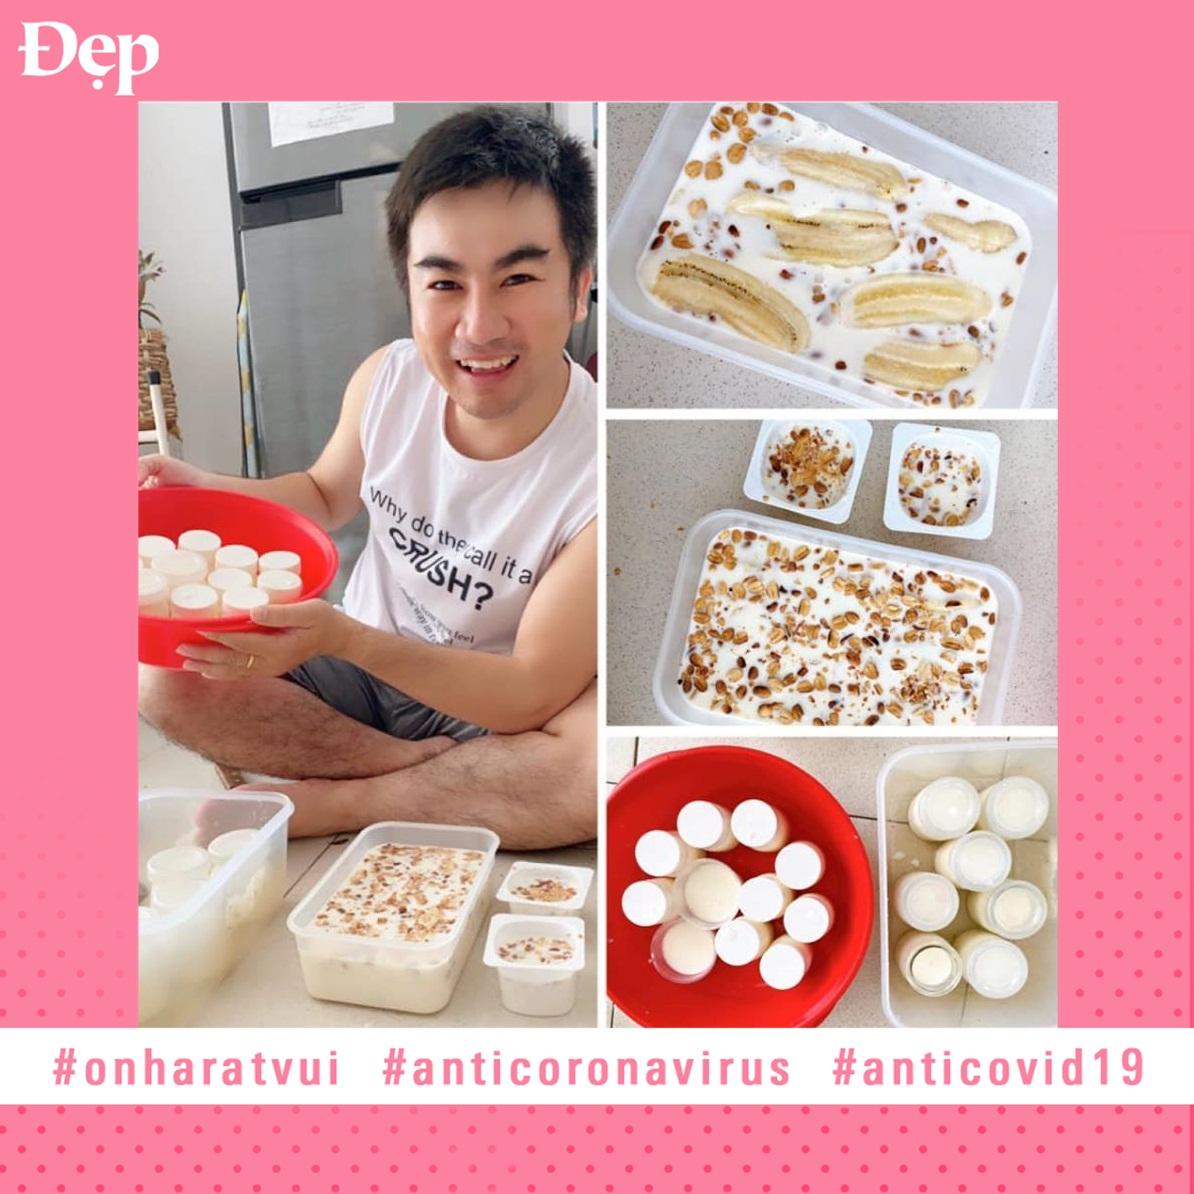 #Onharatvui: Công thức kem chuối cho chuỗi ngày cách ly tại gia